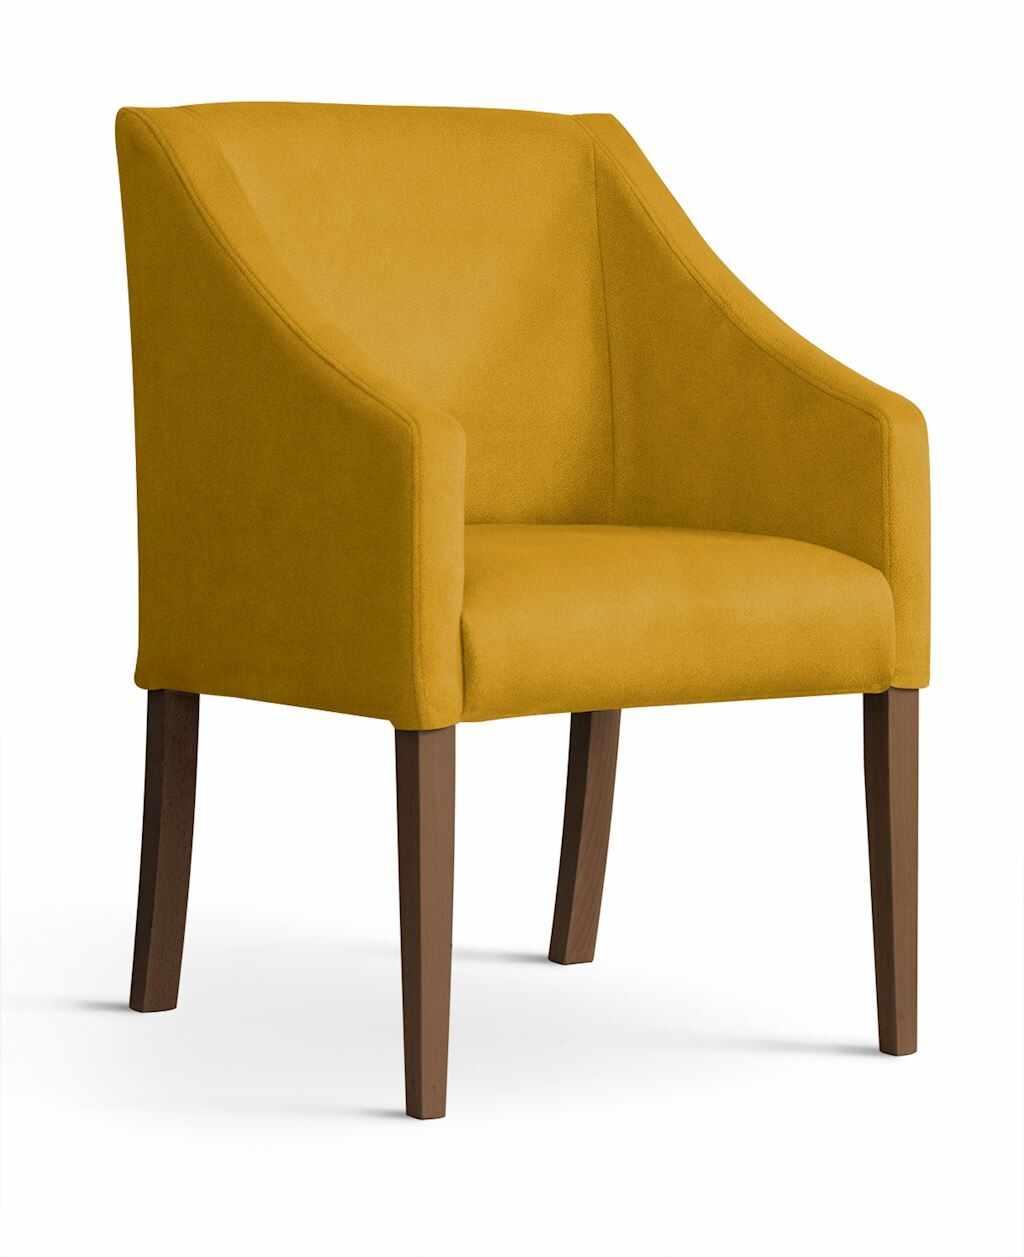 Fotoliu fix tapitat cu stofa si picioare din lemn Capri Velvet Mustariu / Nuc, l58xA60xH89 cm la pret 779 lei